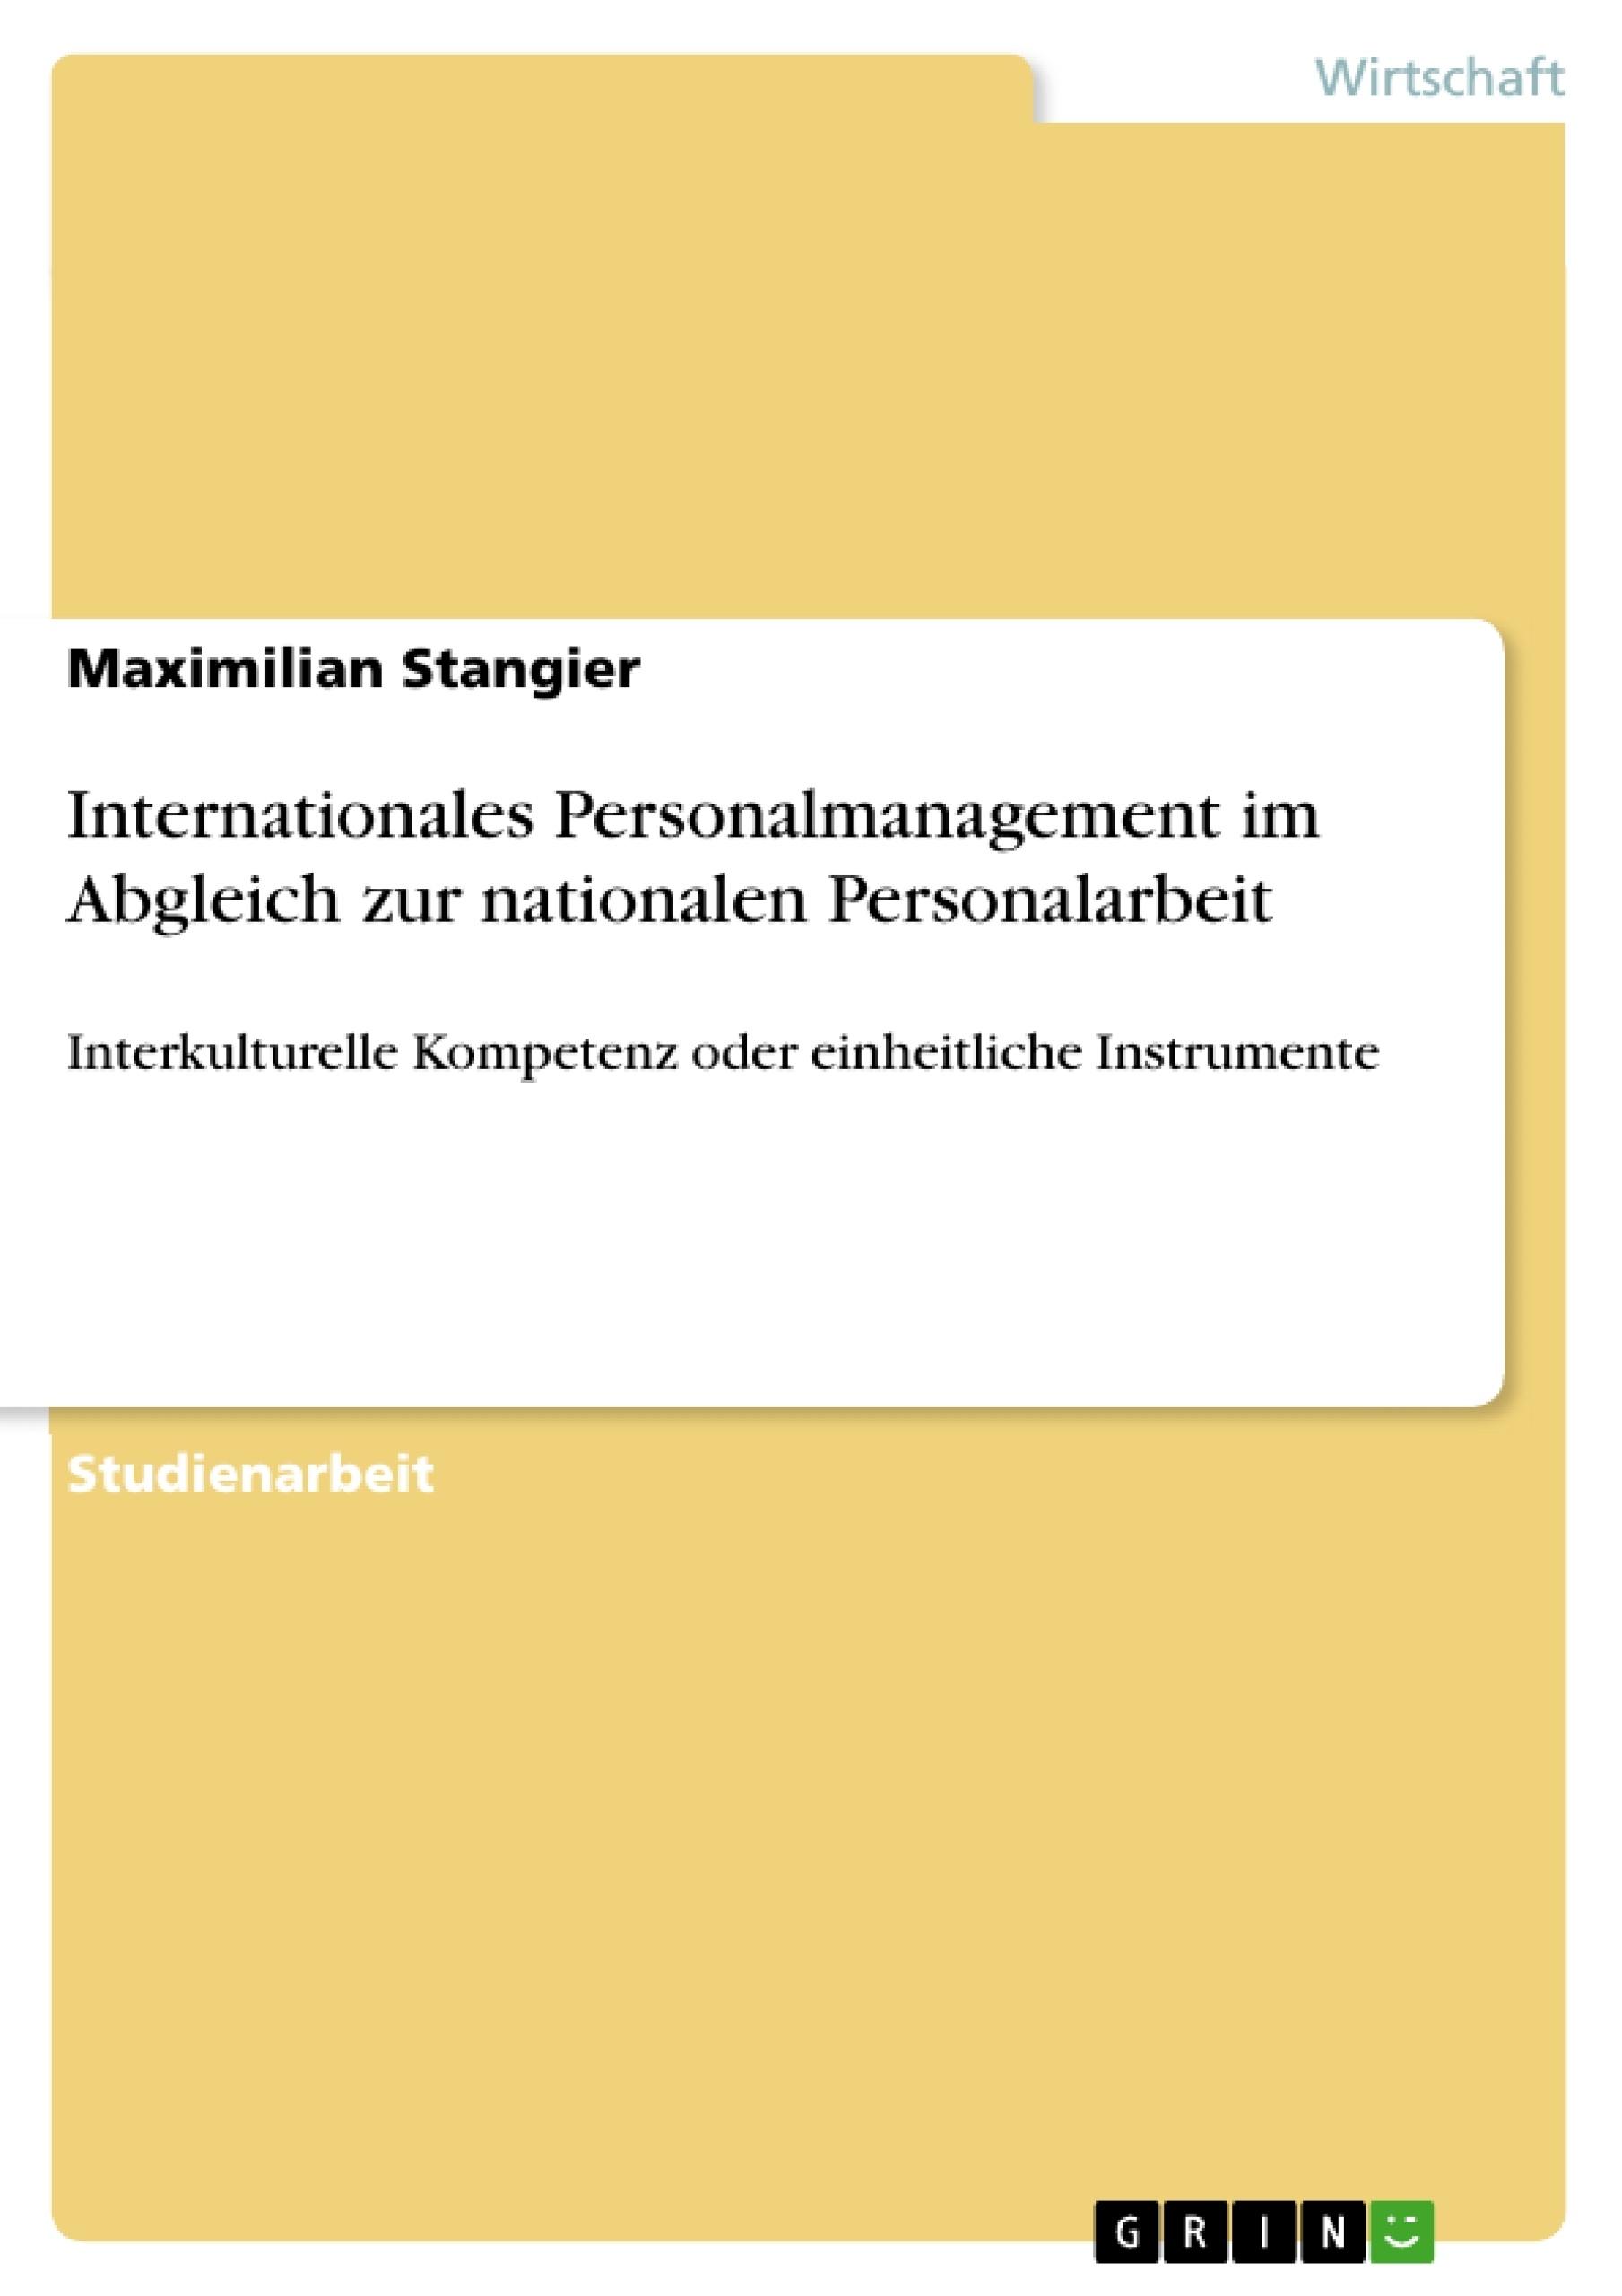 Titel: Internationales Personalmanagement im Abgleich zur nationalen Personalarbeit